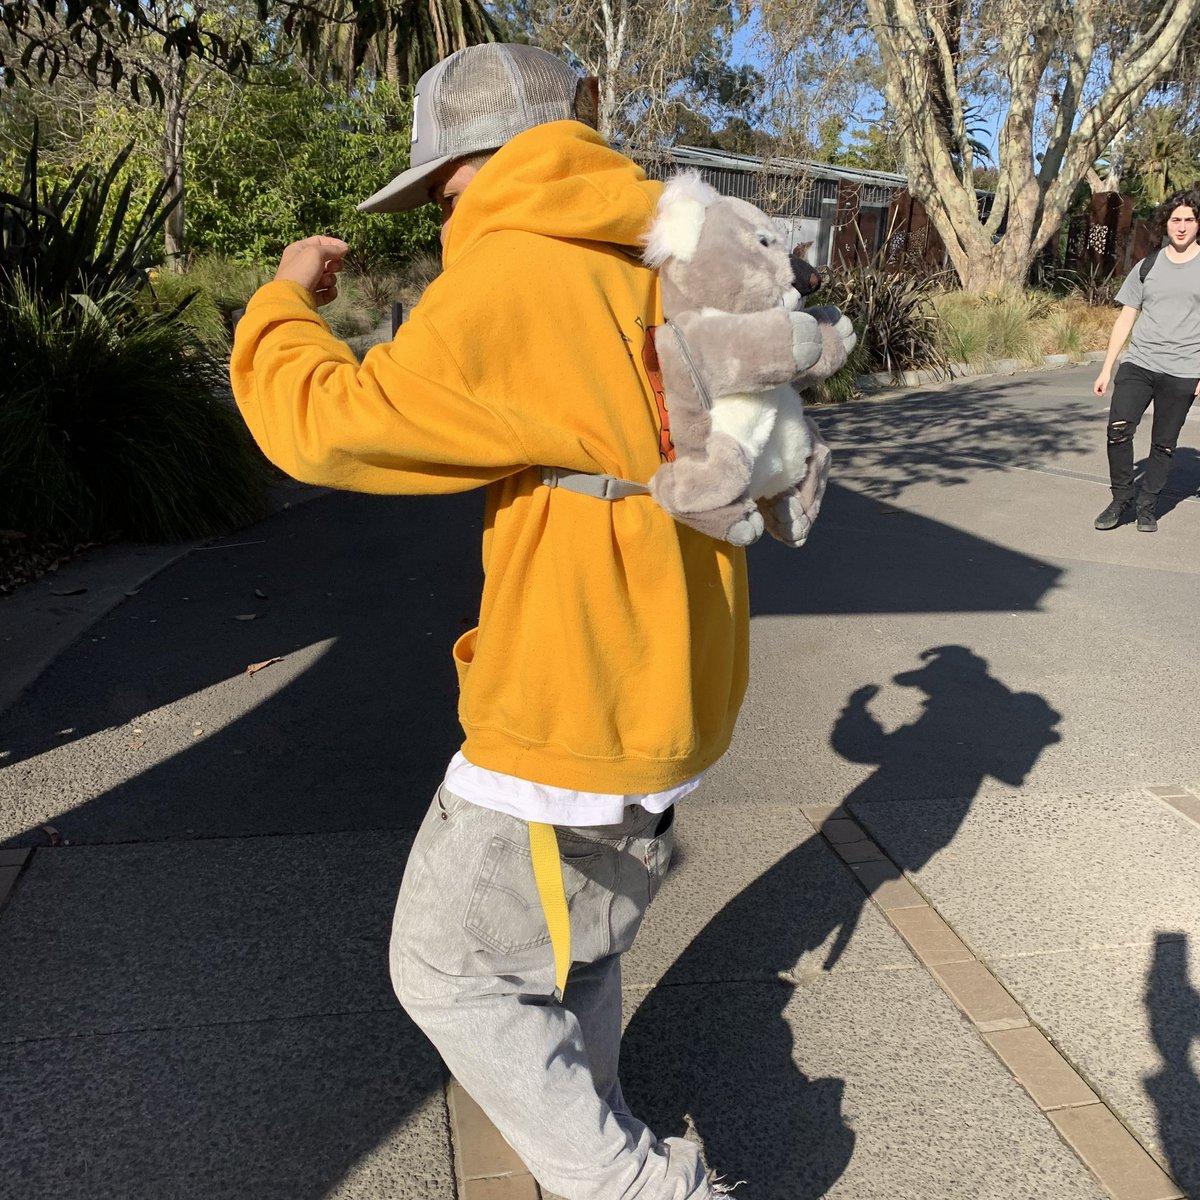 オーストラリアまで来てゲトったのはコアラのバッグでした。